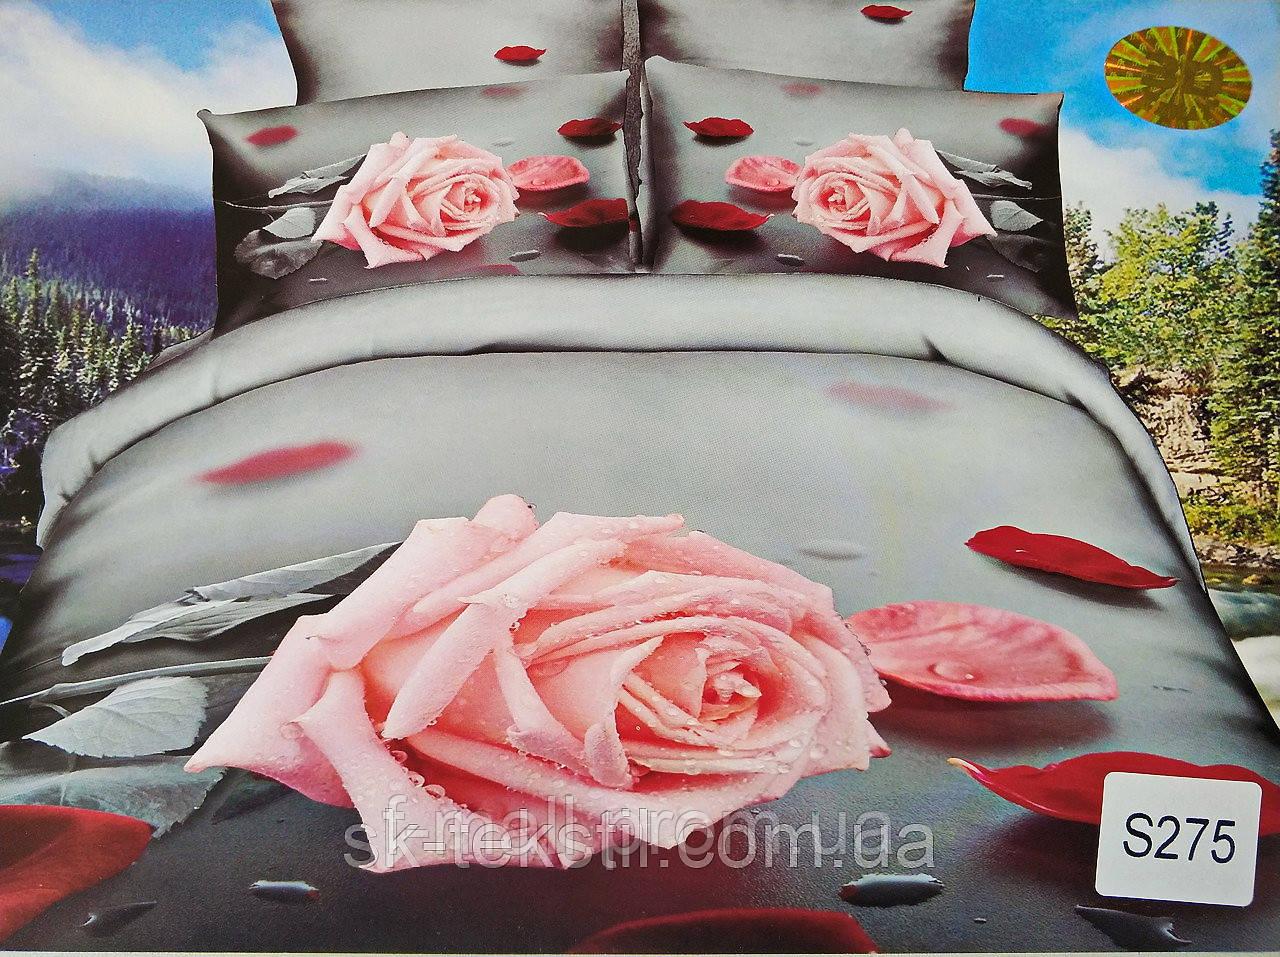 Комплект постельного белья ELWAY (Польша) 3D LUX Сатин Евро Подарочная упаковка (275)